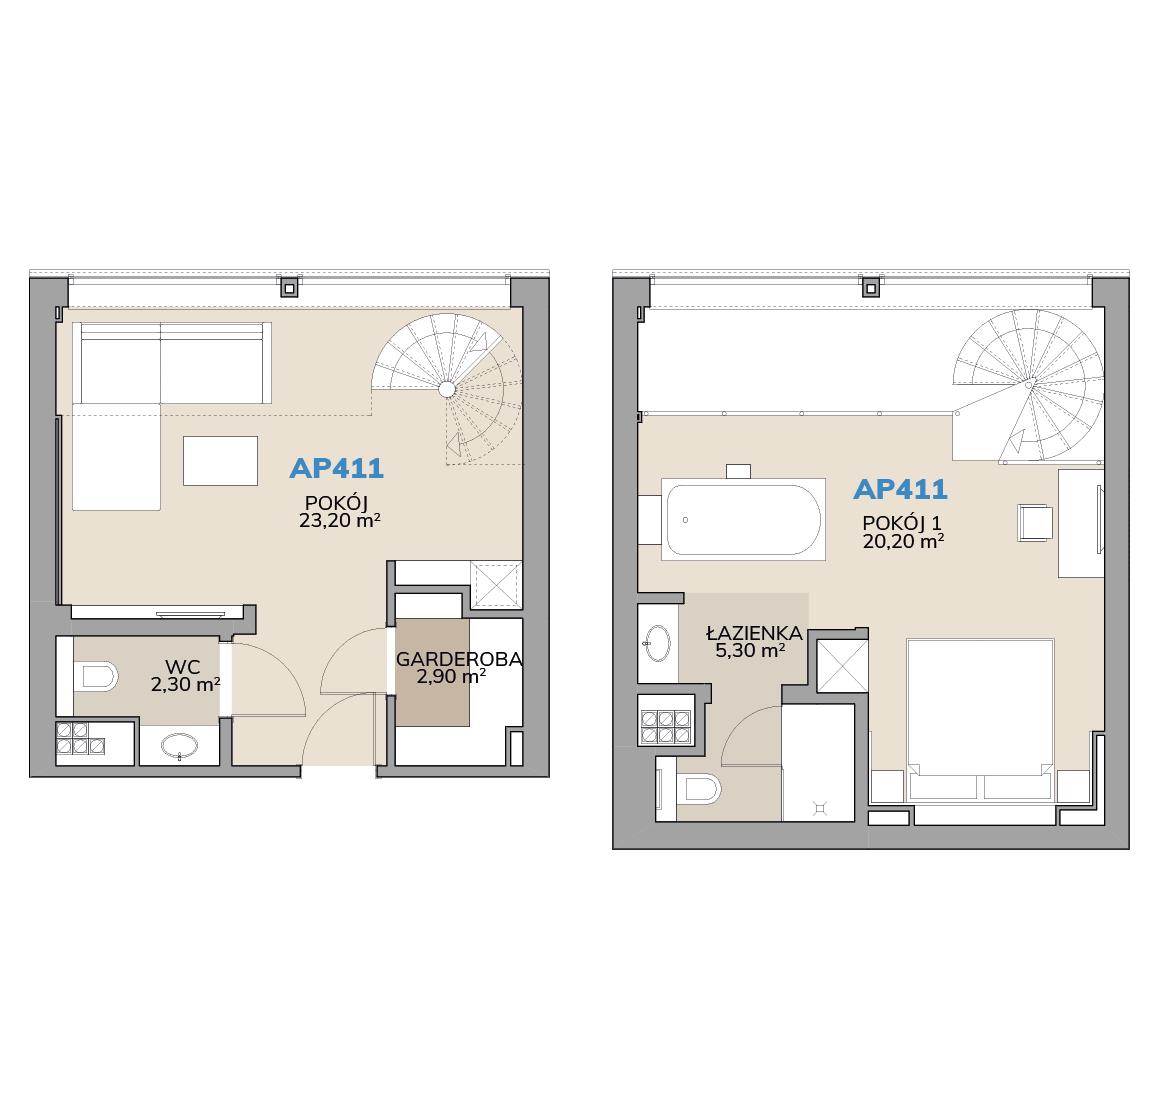 Apartament AP411